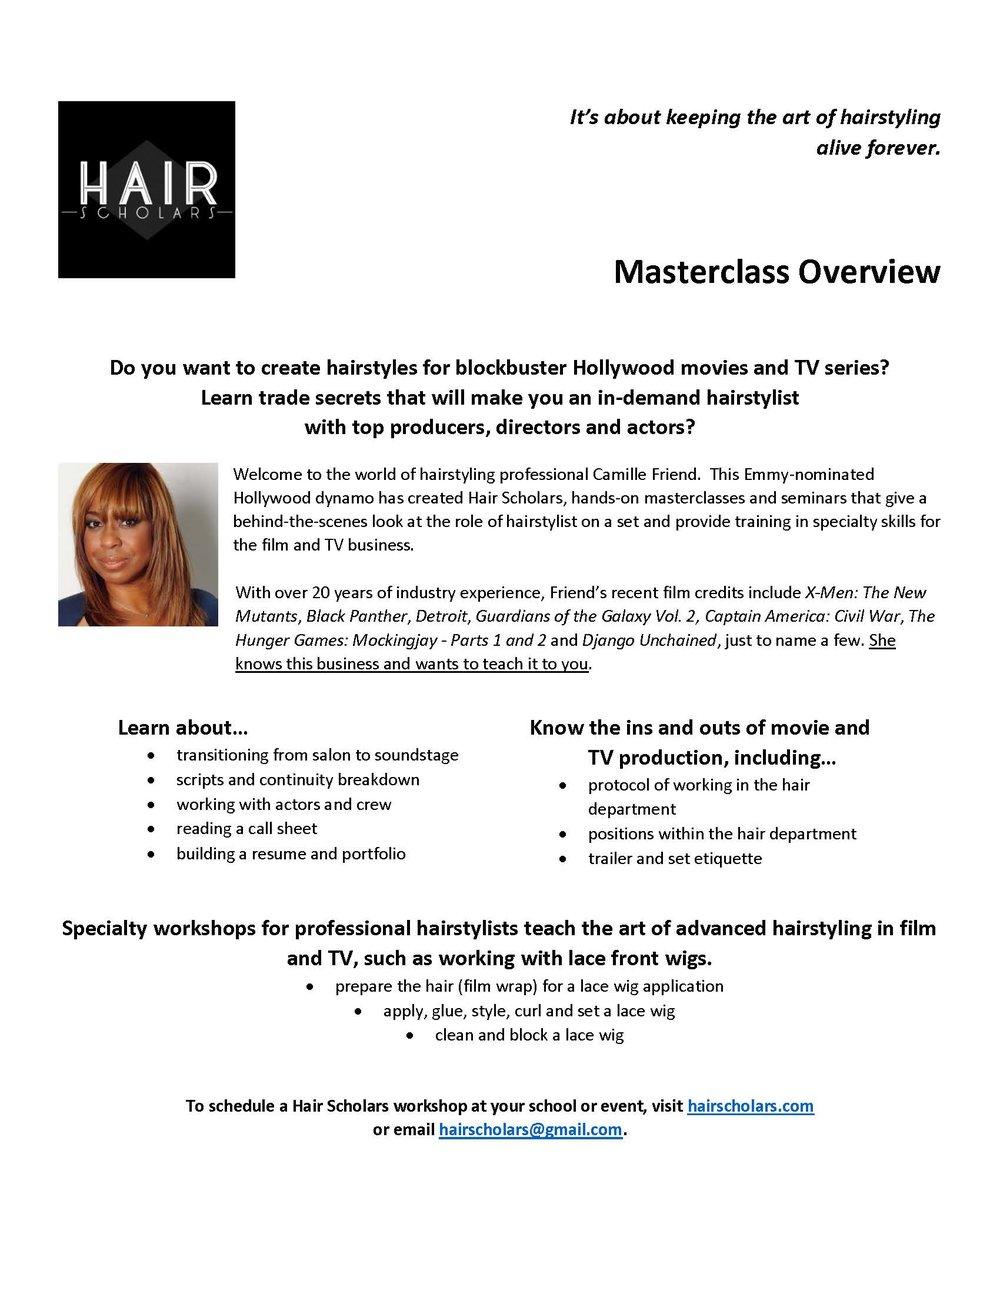 one sheet for Hair Scholars7-27.jpg